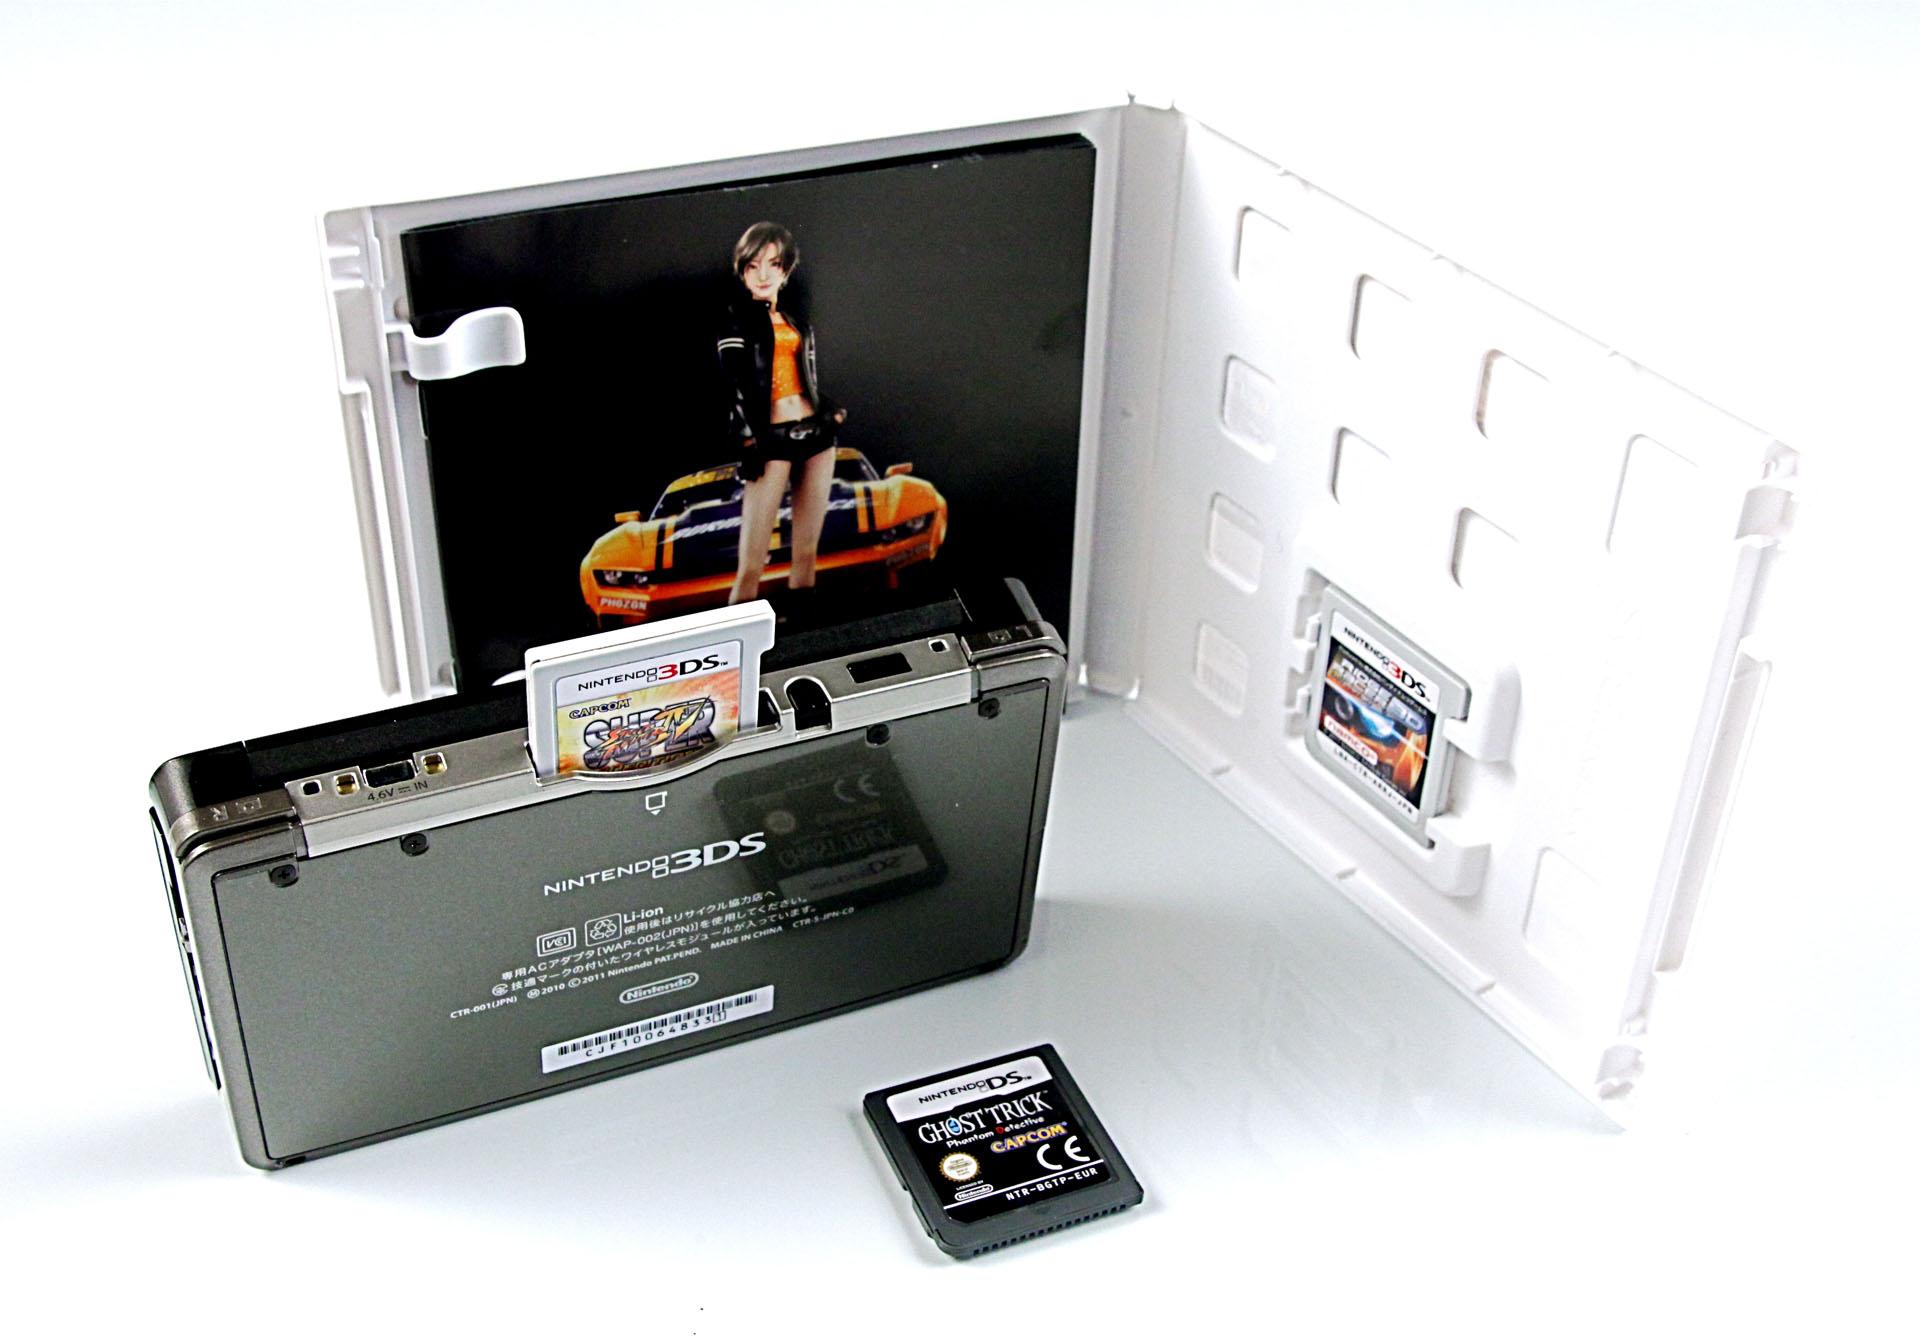 3DS: Nintendos Neuer im Importtest - Das Nintendos 3DS mit der japanischen Spieleverpackung von Ridge Racer 3D (Foto: mw)